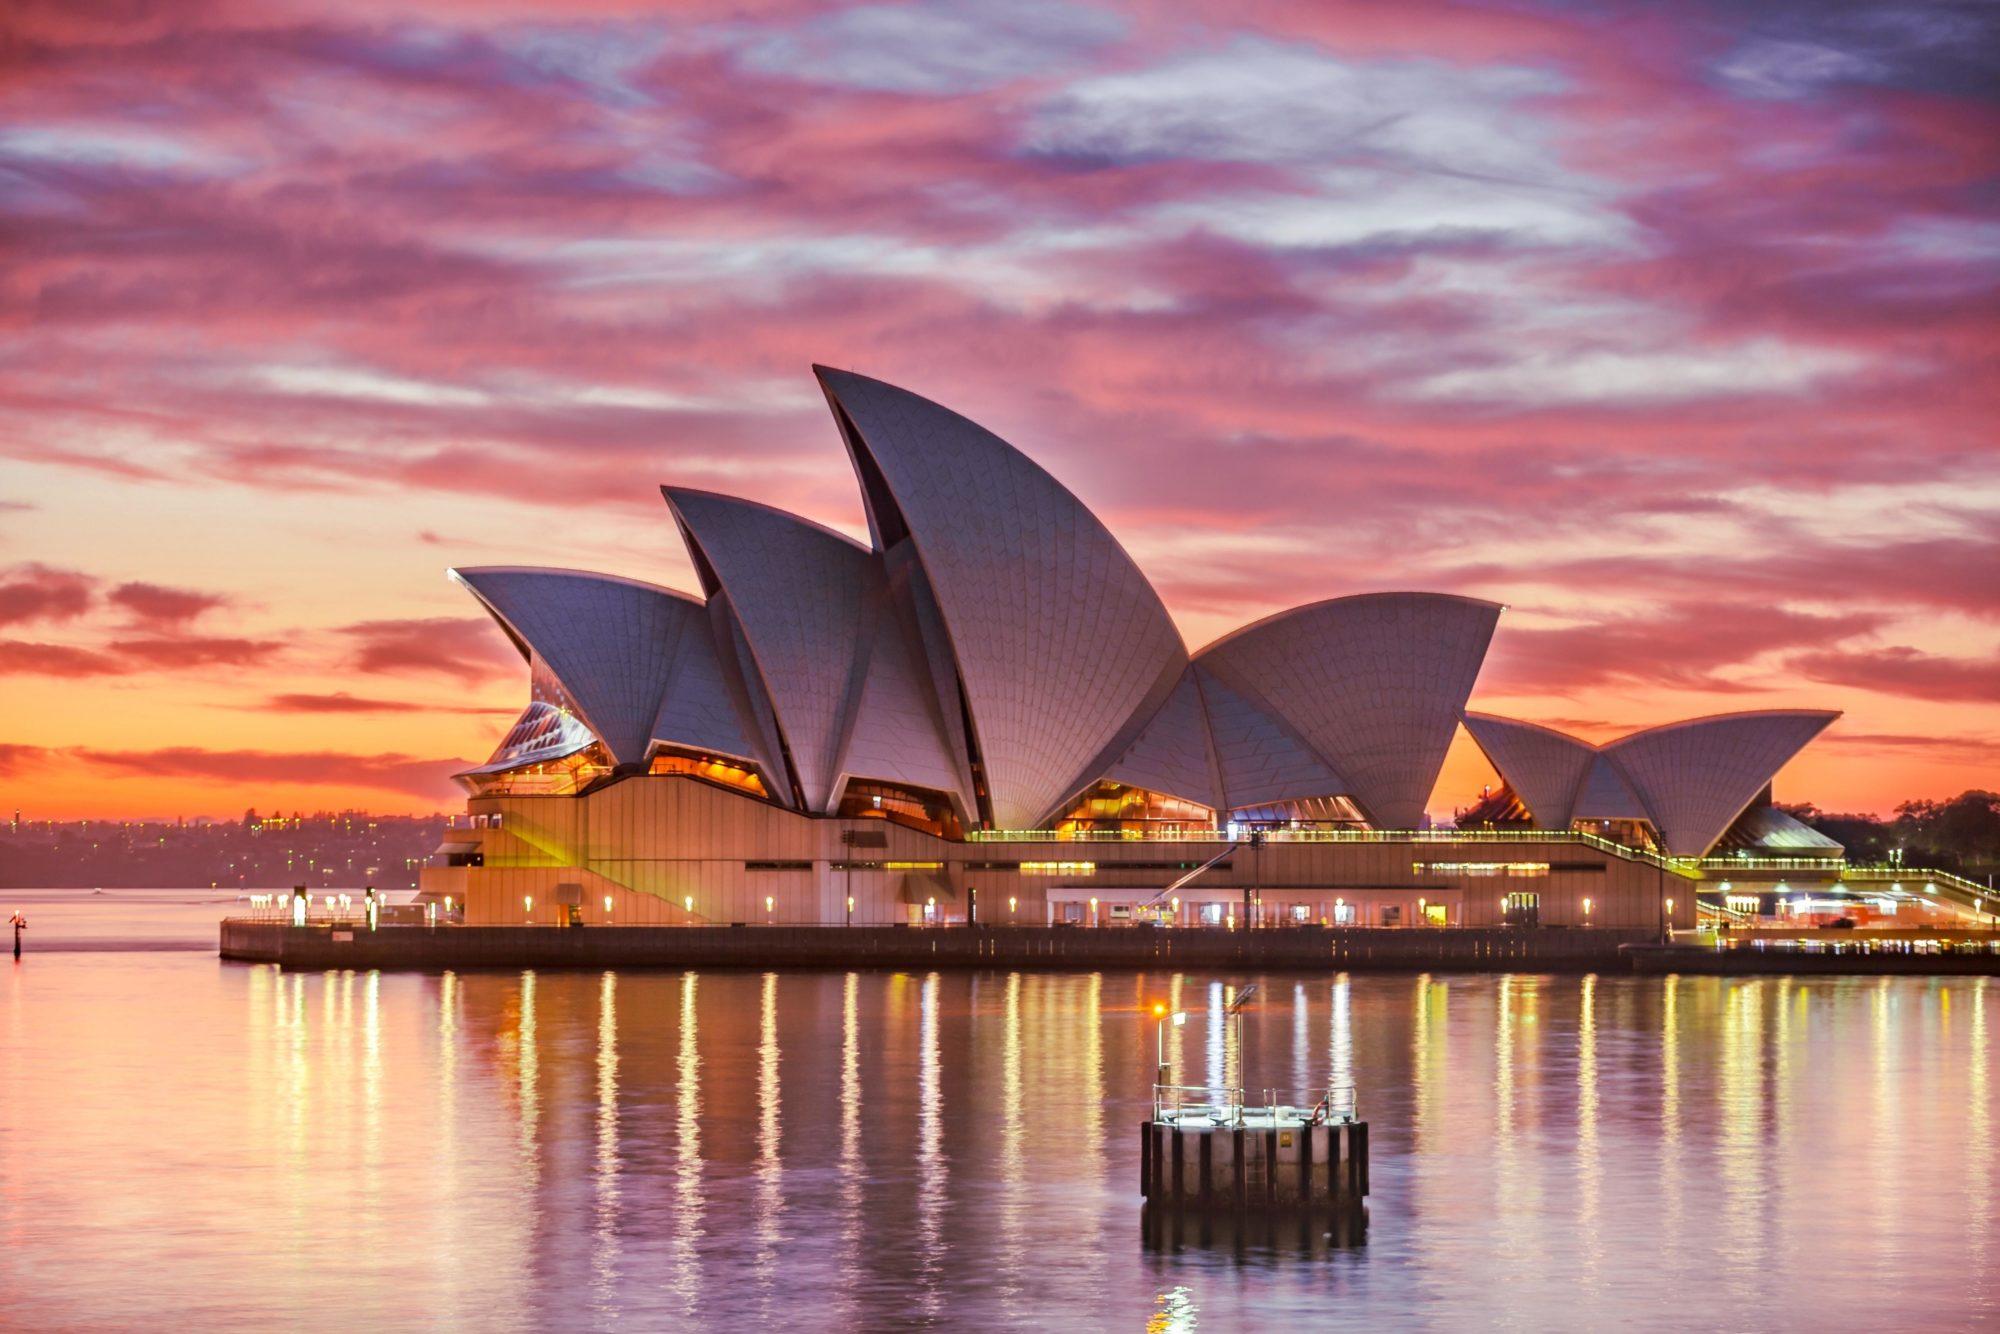 Austrlia sydney oper house keith zhu qa Ncz43 Me Y8 unsplash